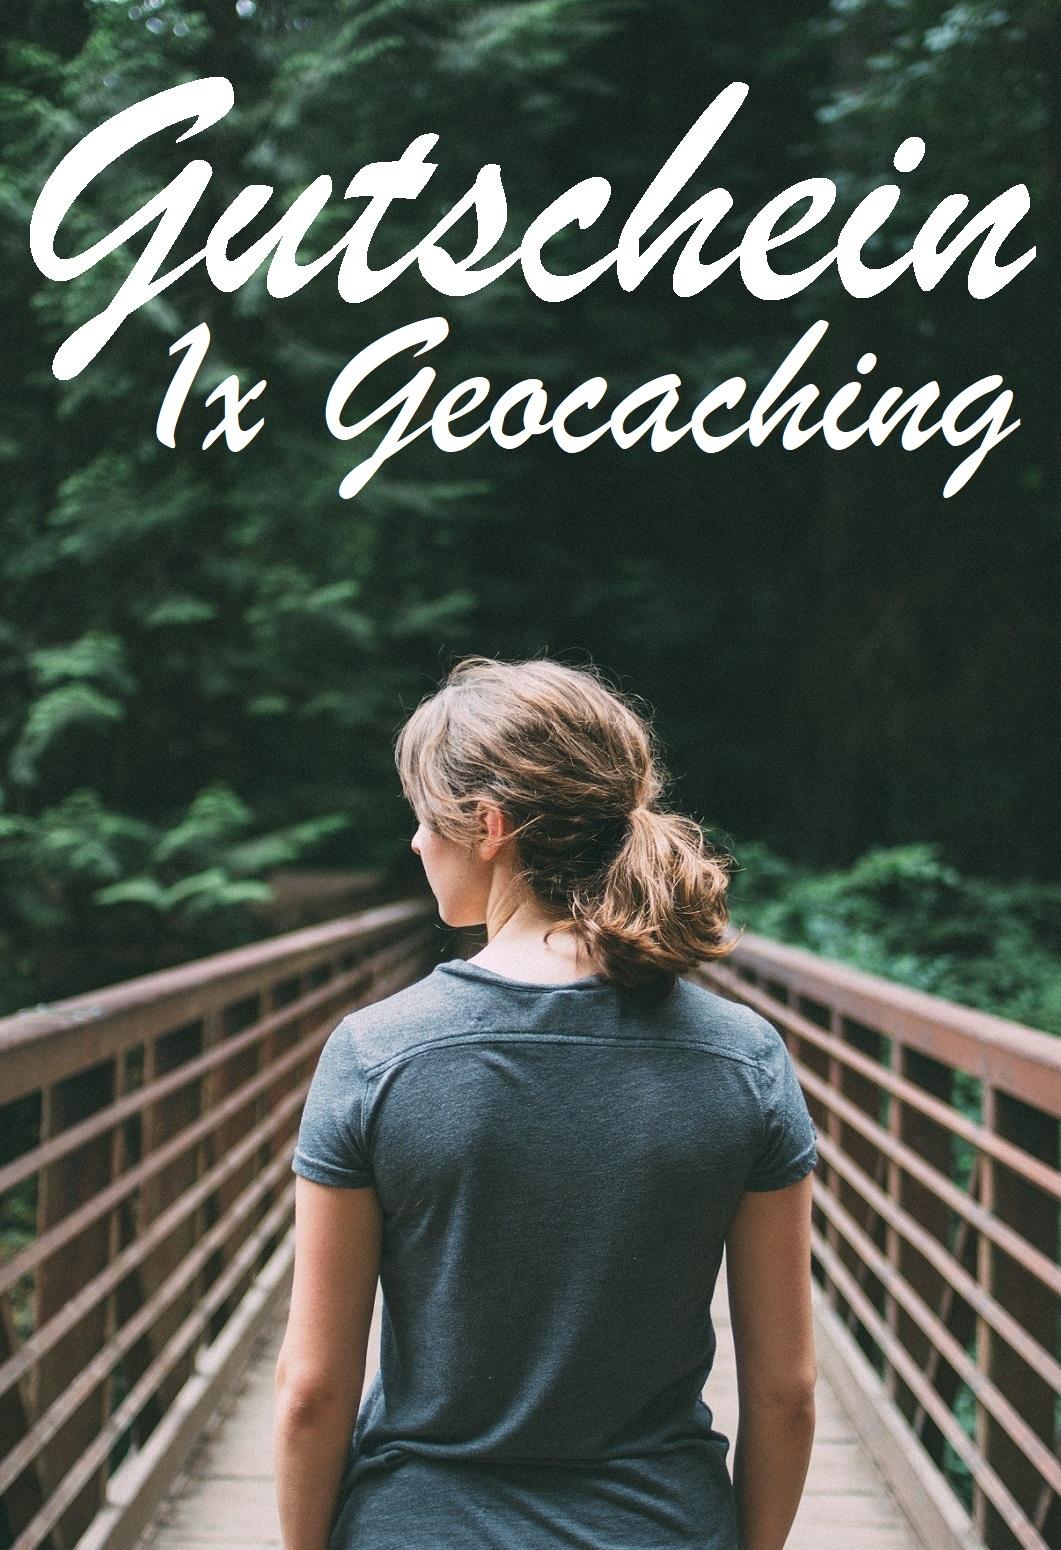 Gutscheinvorlage fürs Geocaching